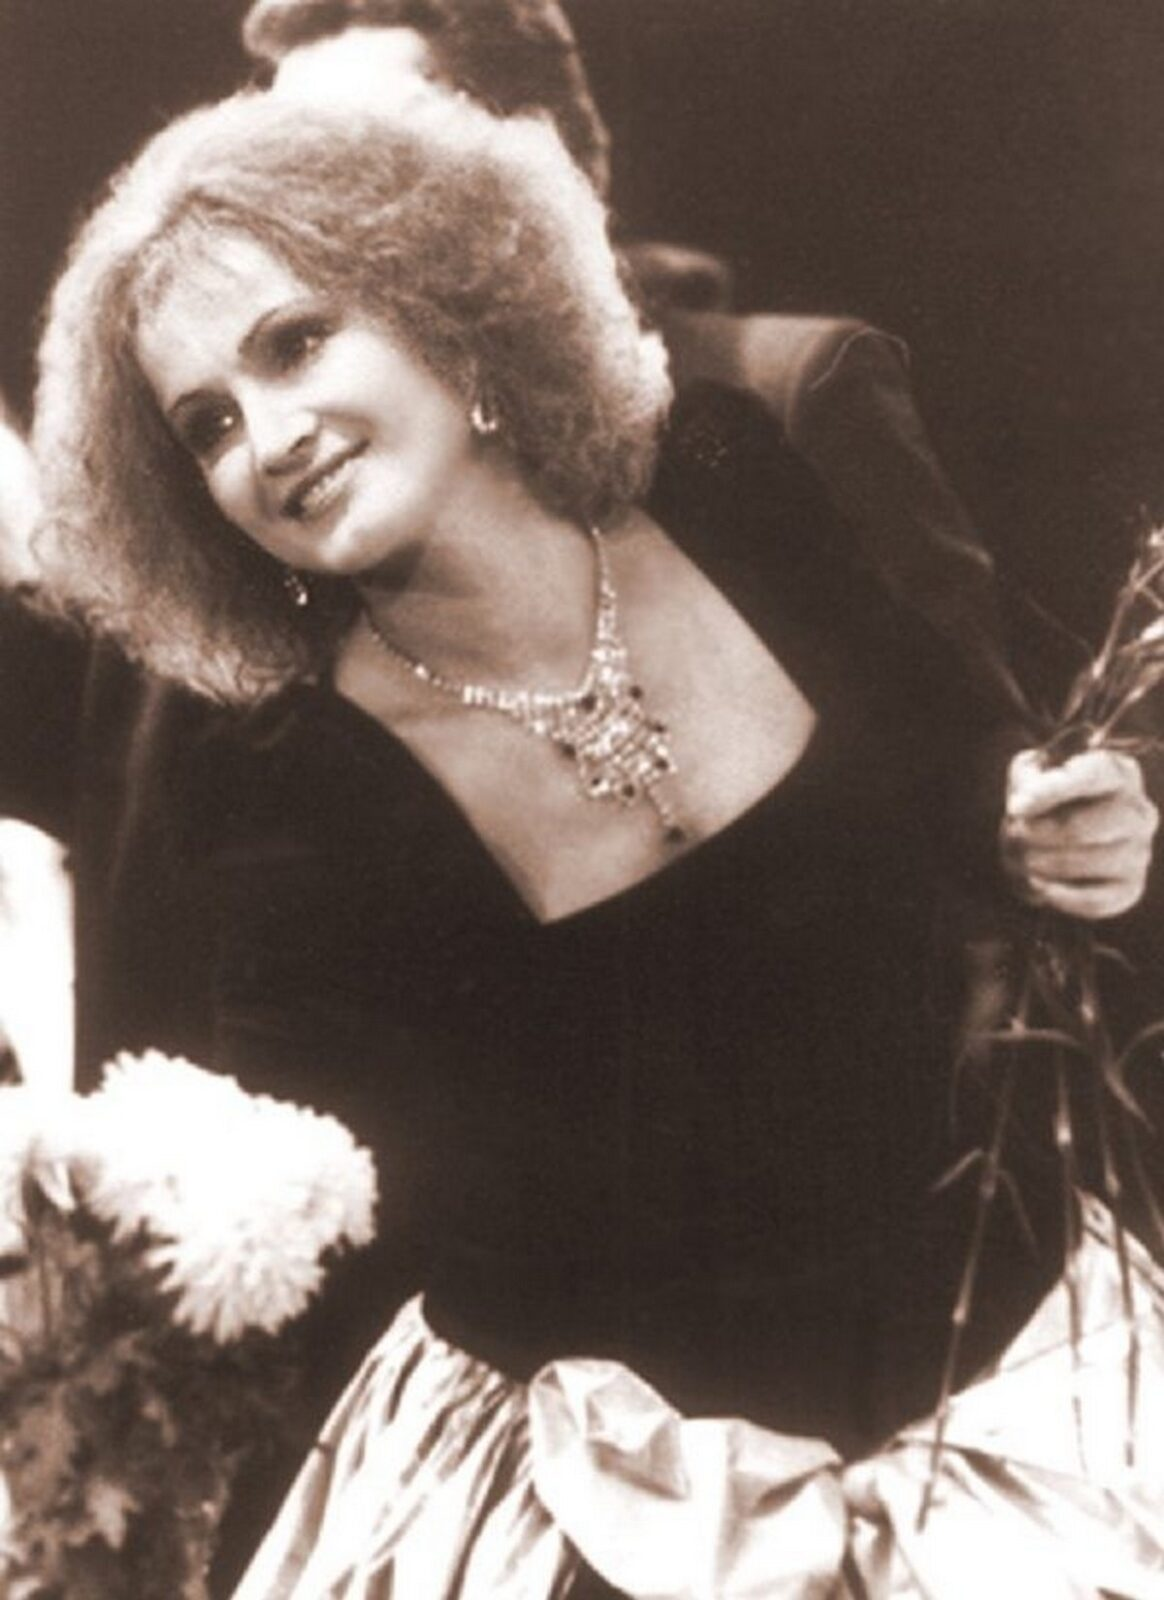 София Ротару поразила всех своим внешним видом и показала внучку – вы уже видели эту красотку?